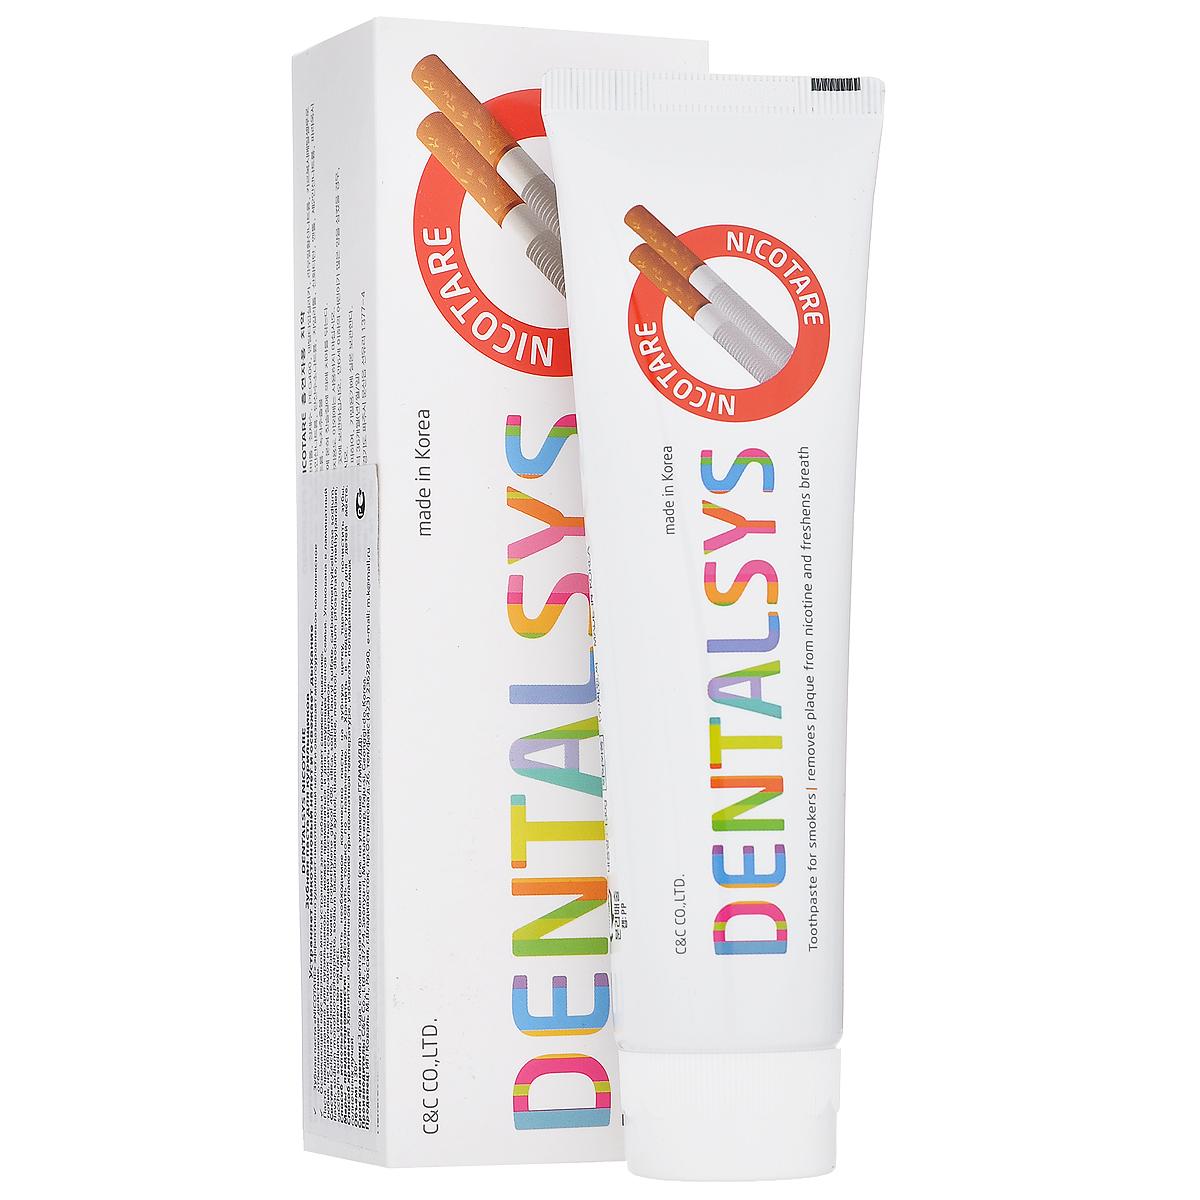 DC 2080 Зубная паста Dentalsys Nicotare, для курящих, 130 г220598Зубная паста DC 2080 Dentalsys Nicotare устраняет никотиновый налет и освежает дыхание. Оказывает многоуровневое комплексное отбеливающее действие. Освежающий вкус перечной мяты устраняет запах табака и придает свежесть дыханию. Паста предназначена для курильщиков, но может применяться и для некурящих членов семьи. Характеристики:Вес: 130 г. Артикул: 220598. Производитель: Корея. Товар сертифицирован.